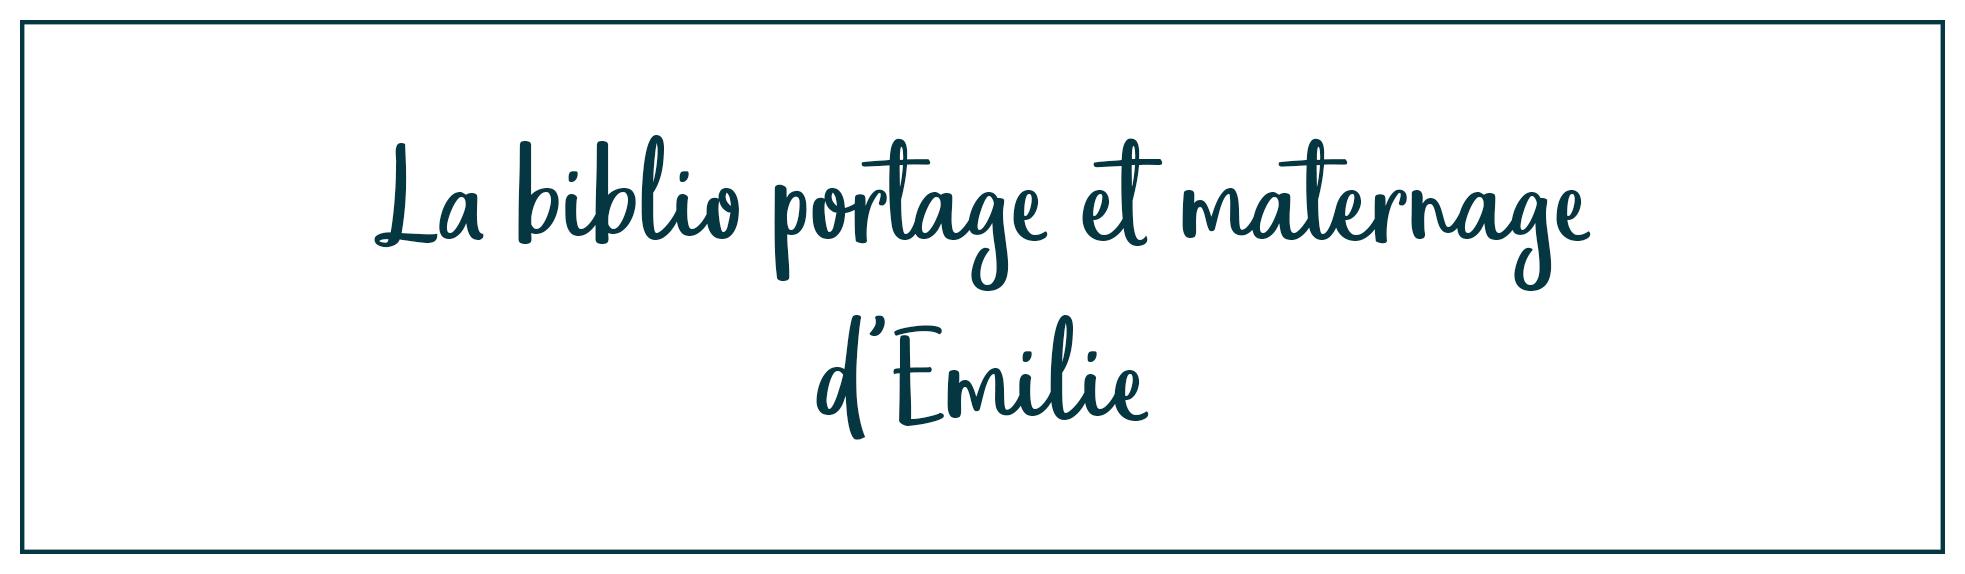 La bibliothèque portage et maternage d'Emilie